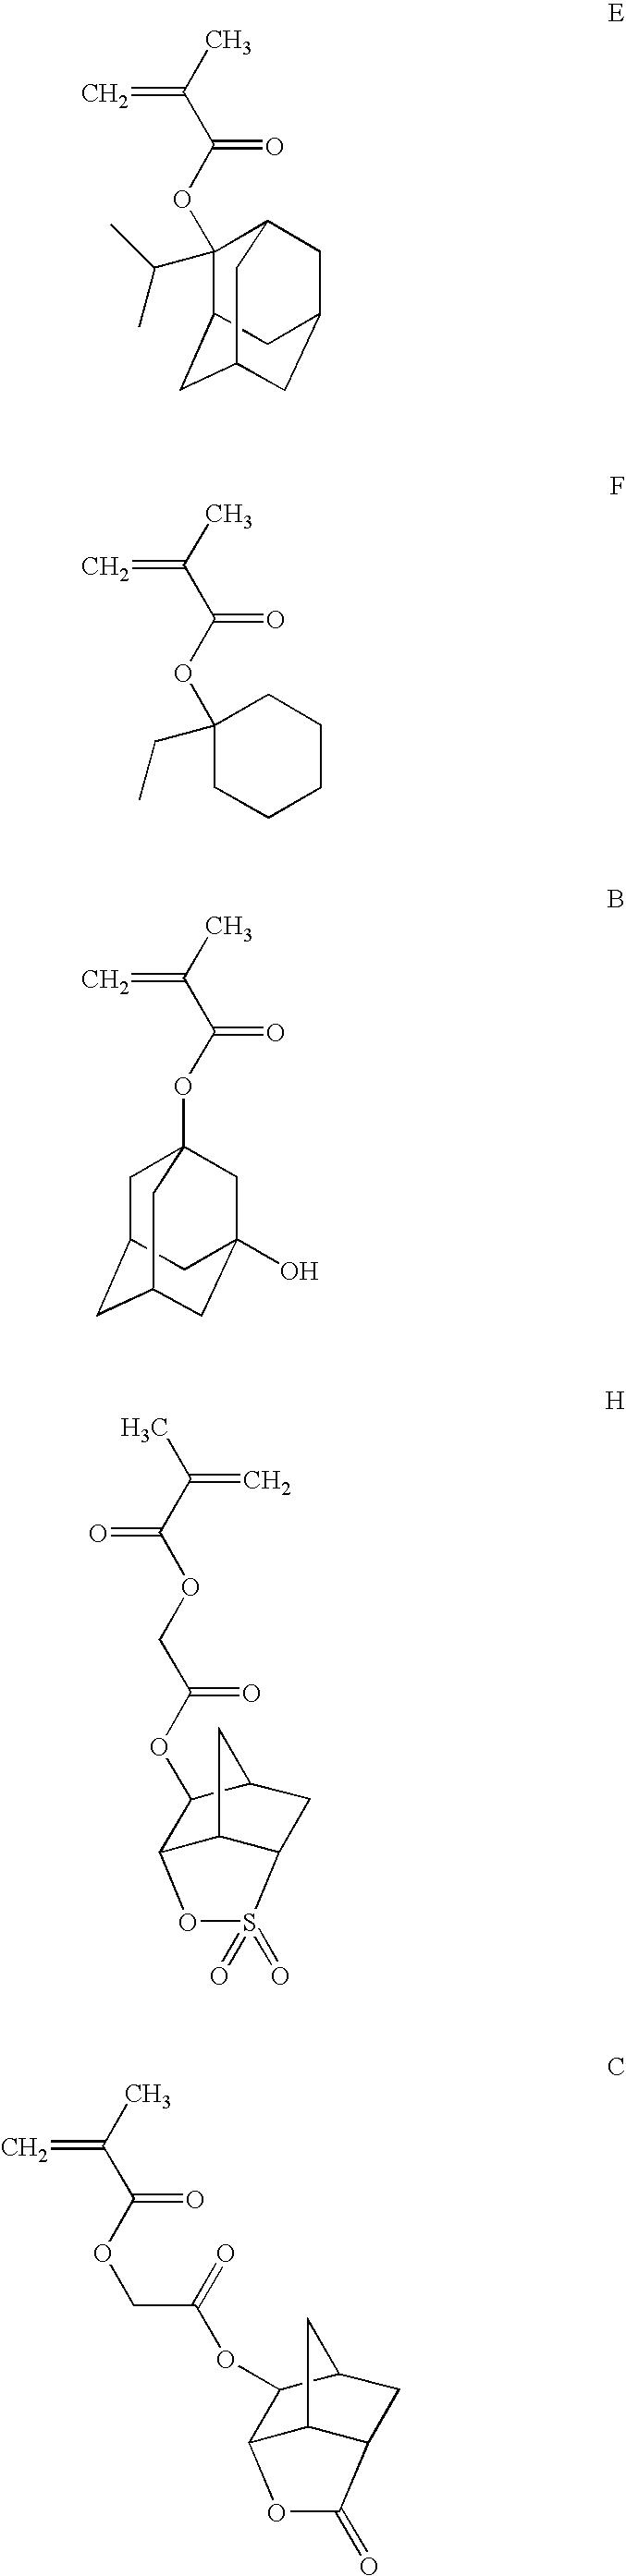 Figure US20100323296A1-20101223-C00174